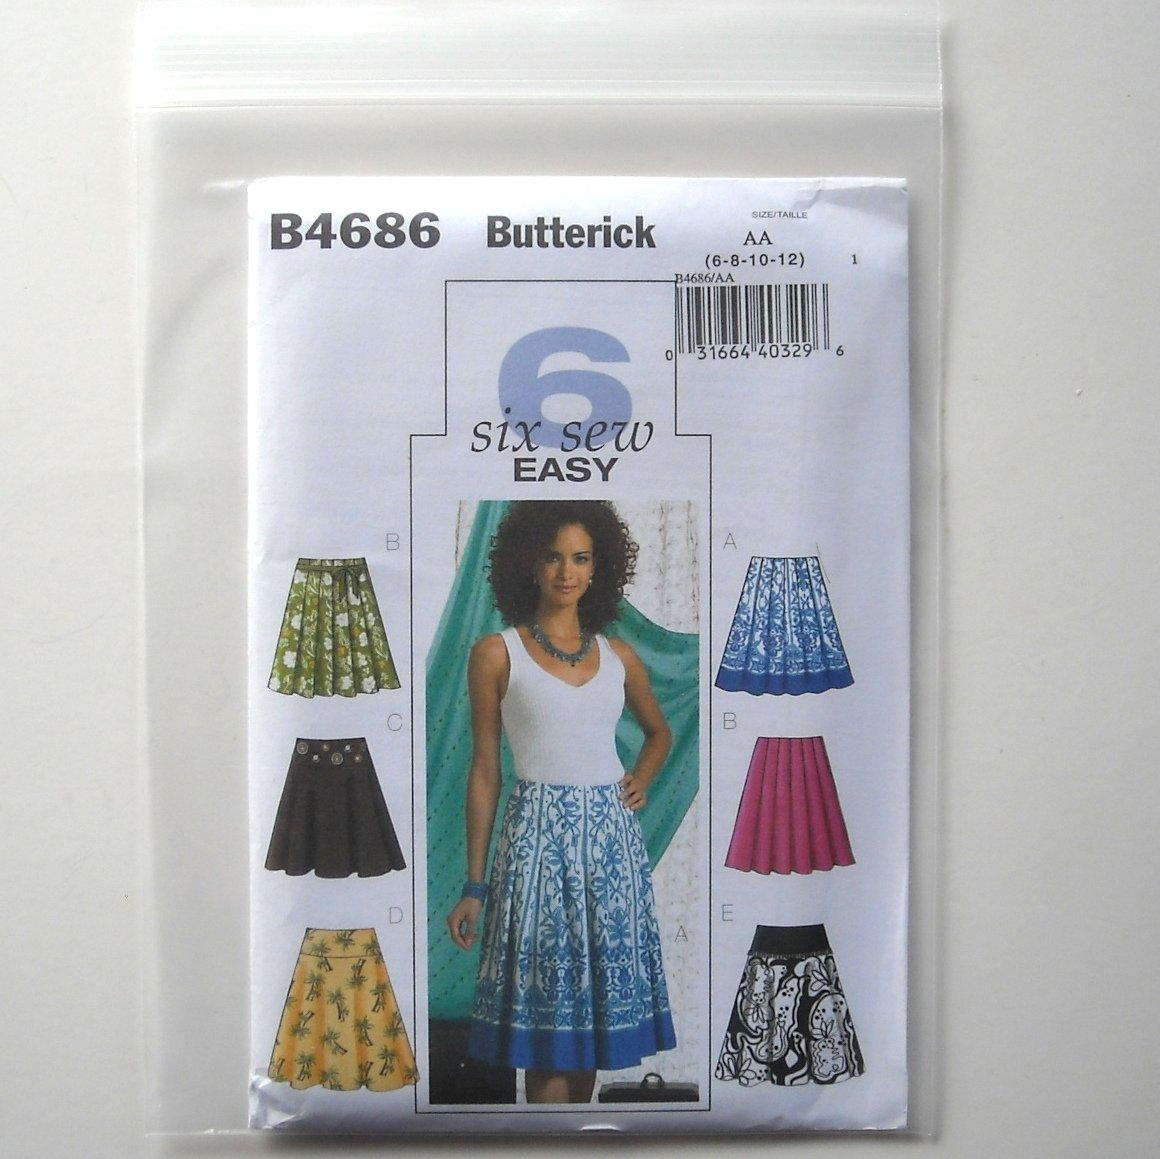 Butterick Pattern B4686 Size 6 - 12 6 Easy Misses Skirt